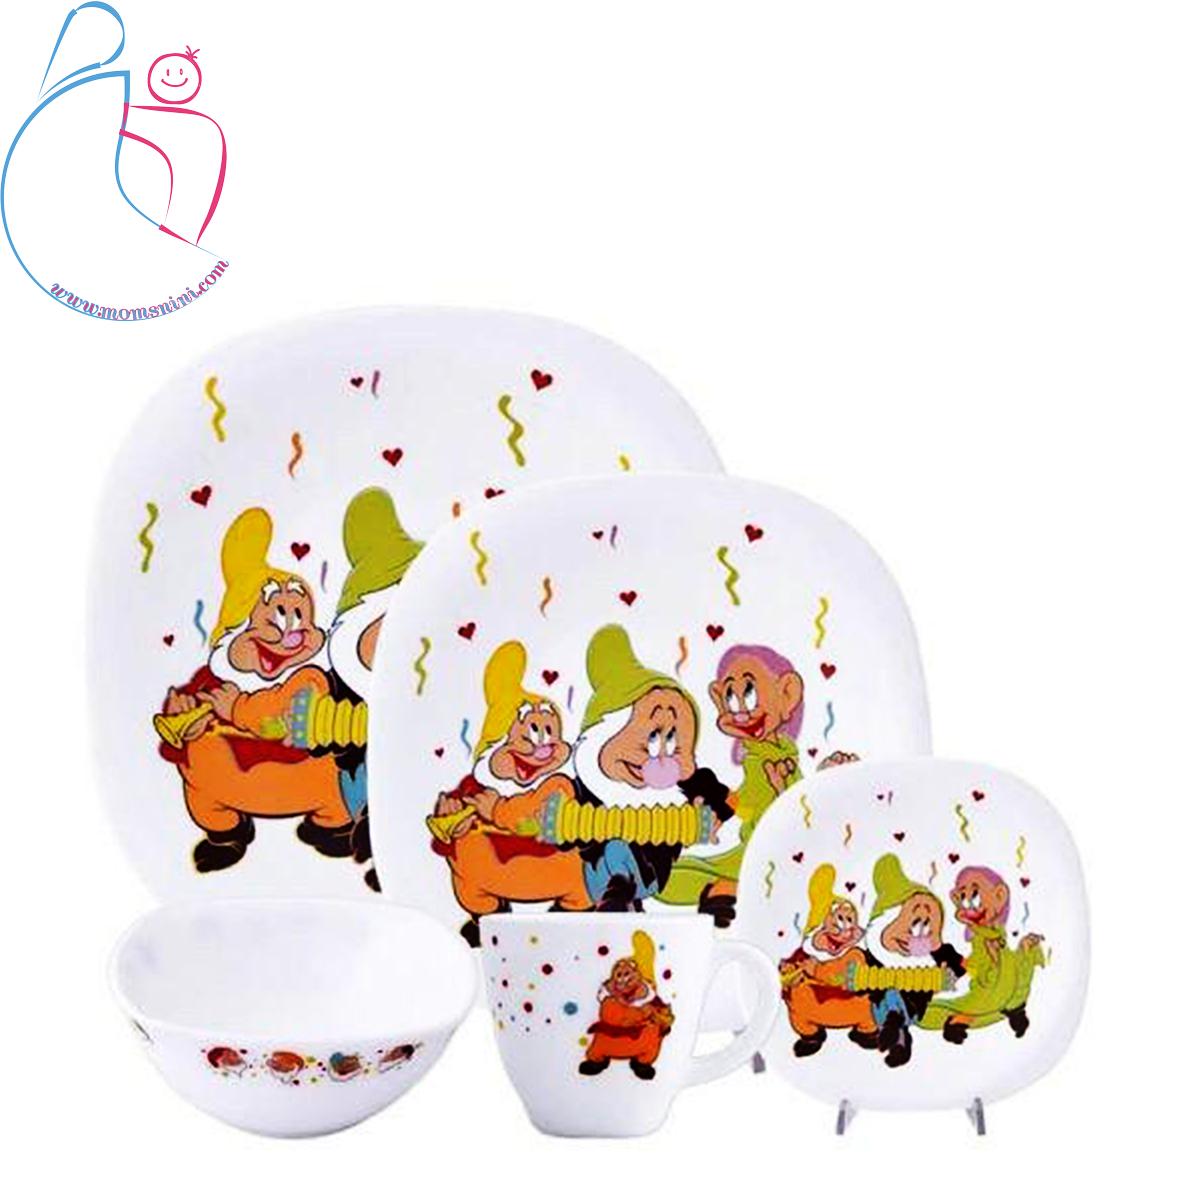 سرویس پارس اپال کودک ۵ تکه طرح هفت کوتوله ها